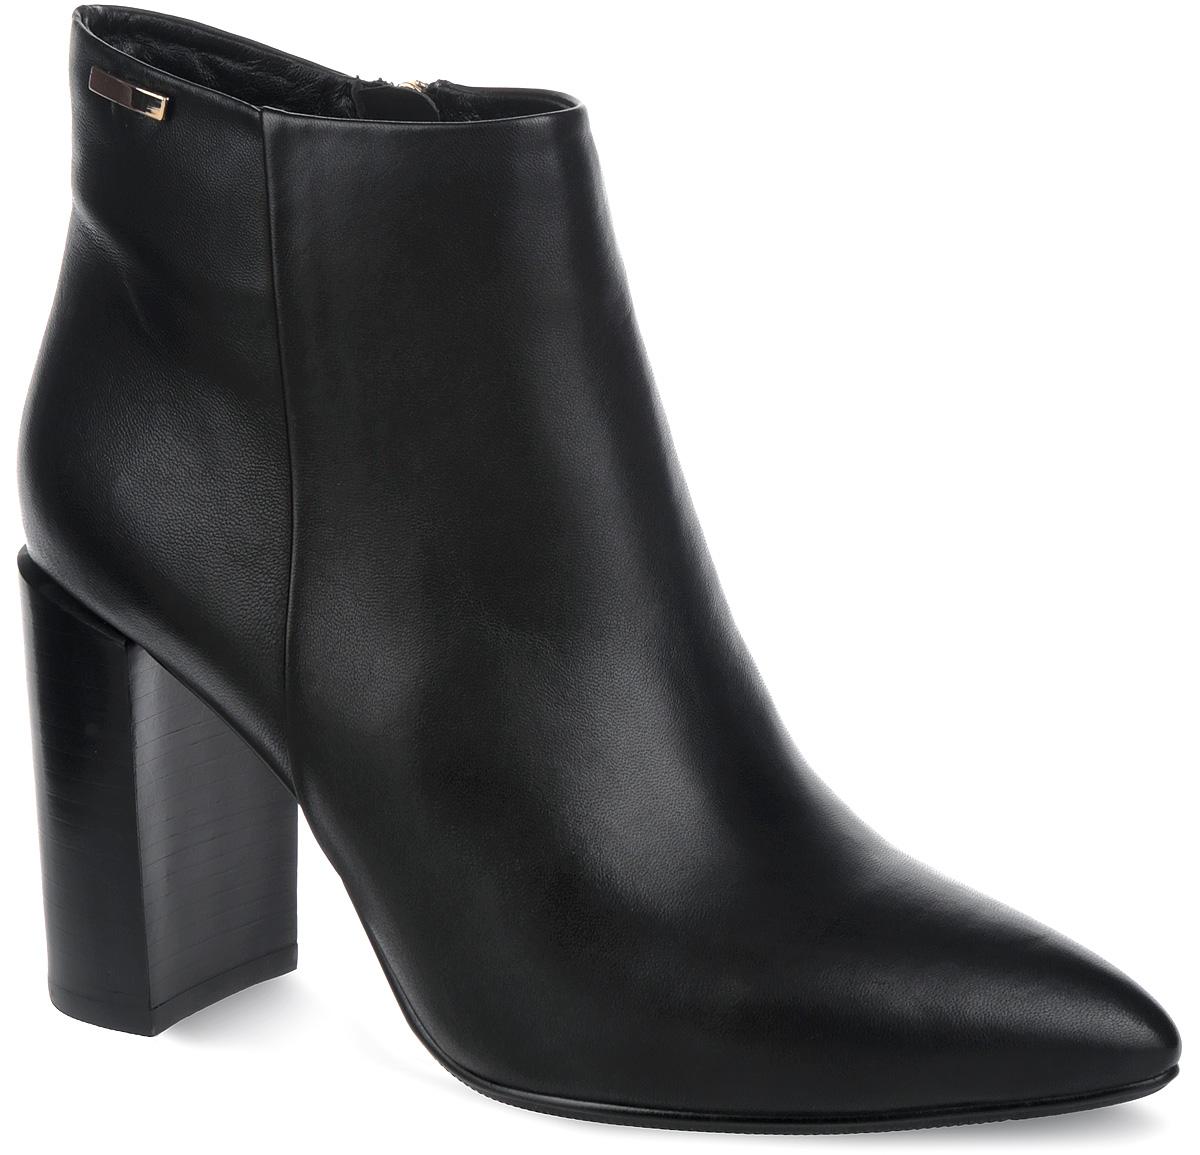 Ботинки женские. S537-5AS537-5AМодные женские ботинки от Winzor придутся вам по душе! Модель выполнена из натуральной кожи и дополнена сбоку фактурным швом. Верх голенища украшен декоративной металлической фурнитурой. Подкладка и стелька - из байки, защитят ноги от холода и обеспечат комфорт. Зауженный носок добавит женственности в ваш образ. Ботинки застегиваются на застежку-молнию, расположенную на одной из боковых сторон. Ультравысокий каблук устойчив. Подошва из термопластичного материала с рельефным протектором обеспечивает отличное сцепление на любой поверхности. Модные ботинки покорят вас своим оригинальным дизайном и удобством!